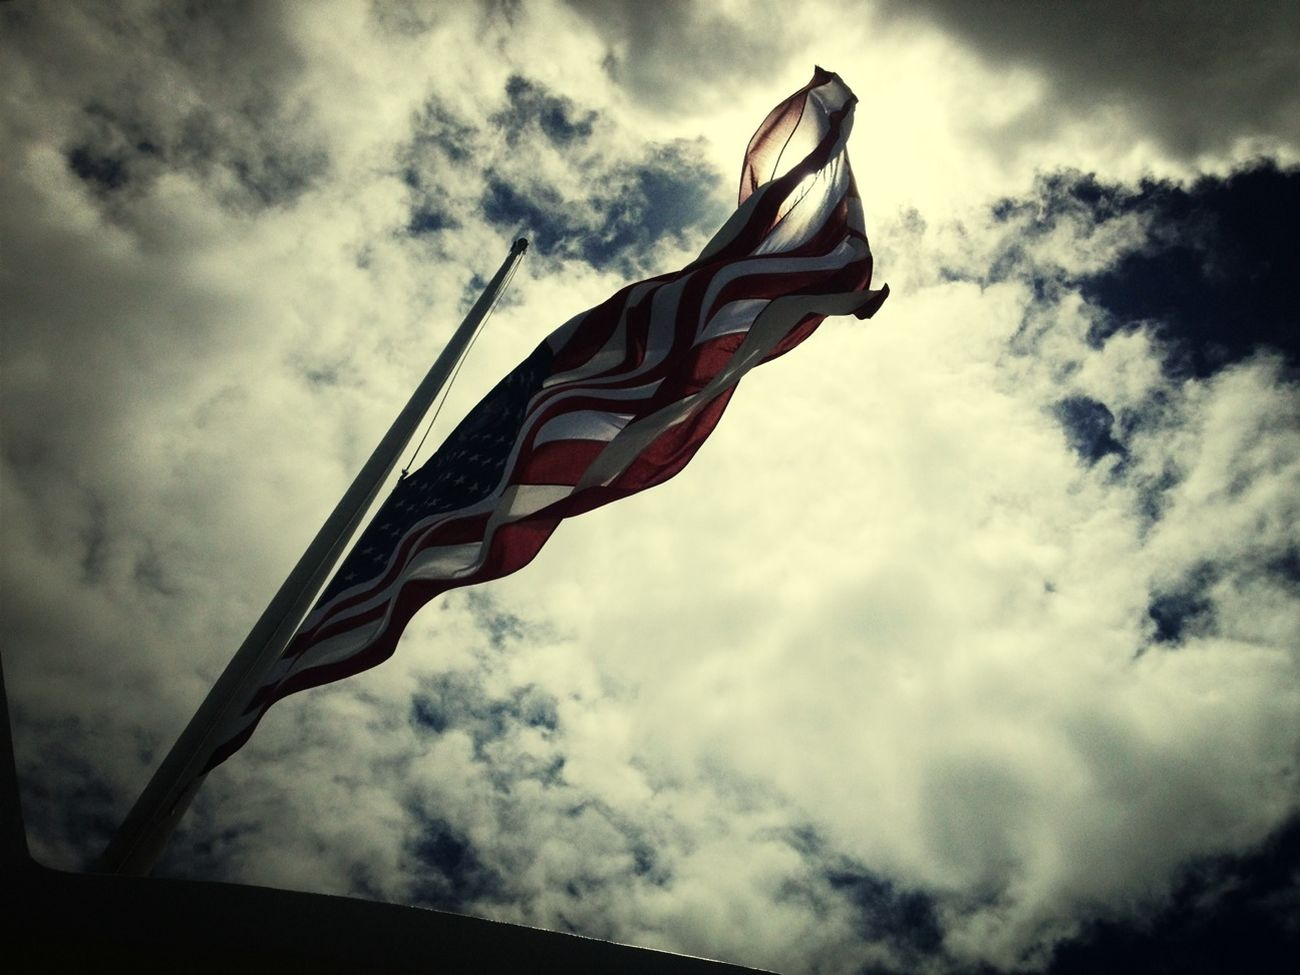 Flag Pearl Harbor Uss Arizona WeatherPro: Your Perfect Weather Shot